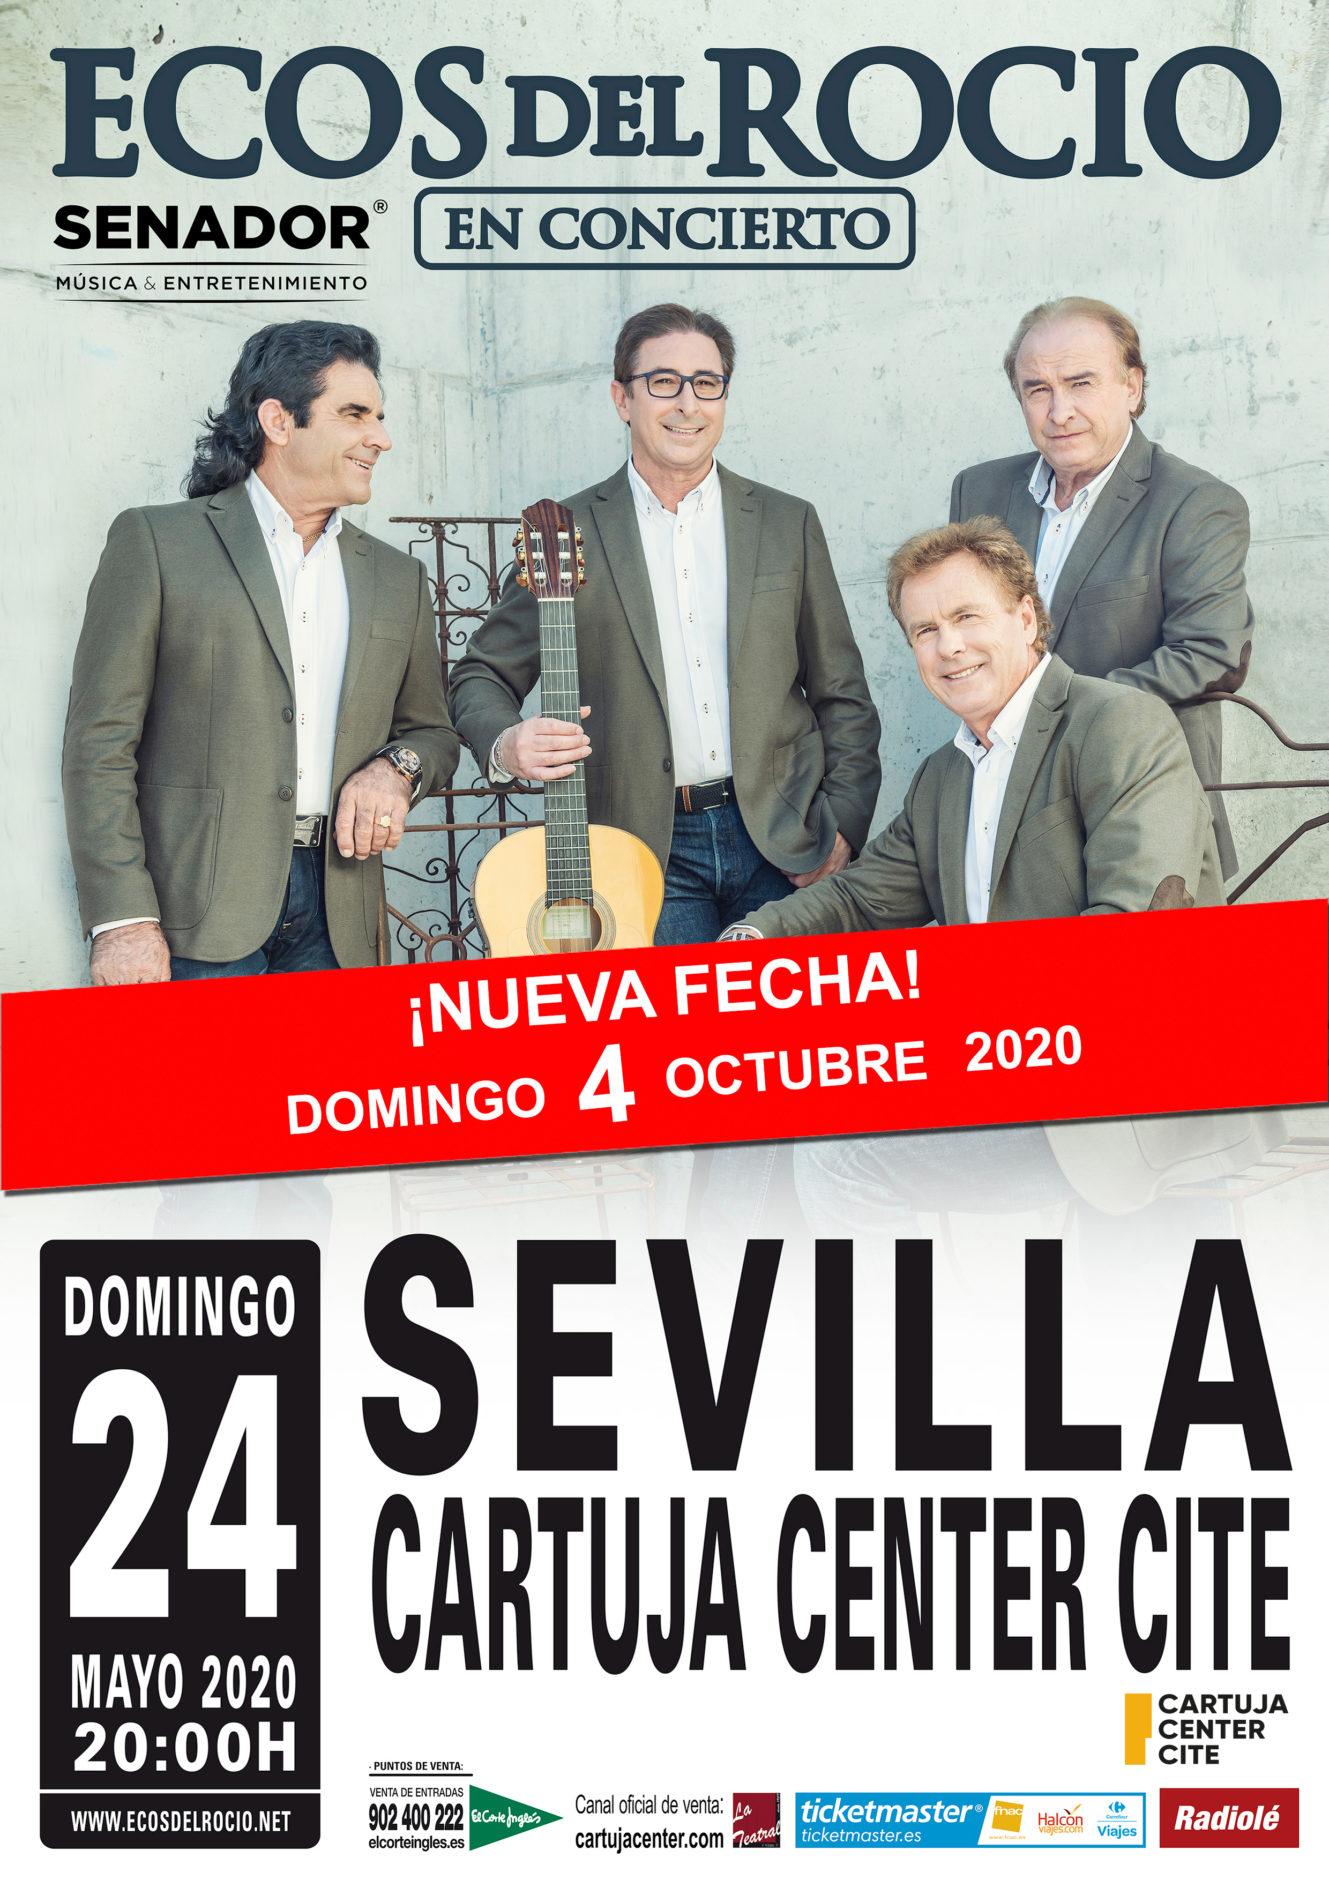 Comunicado aplazamiento concierto Ecos del Rocío 1